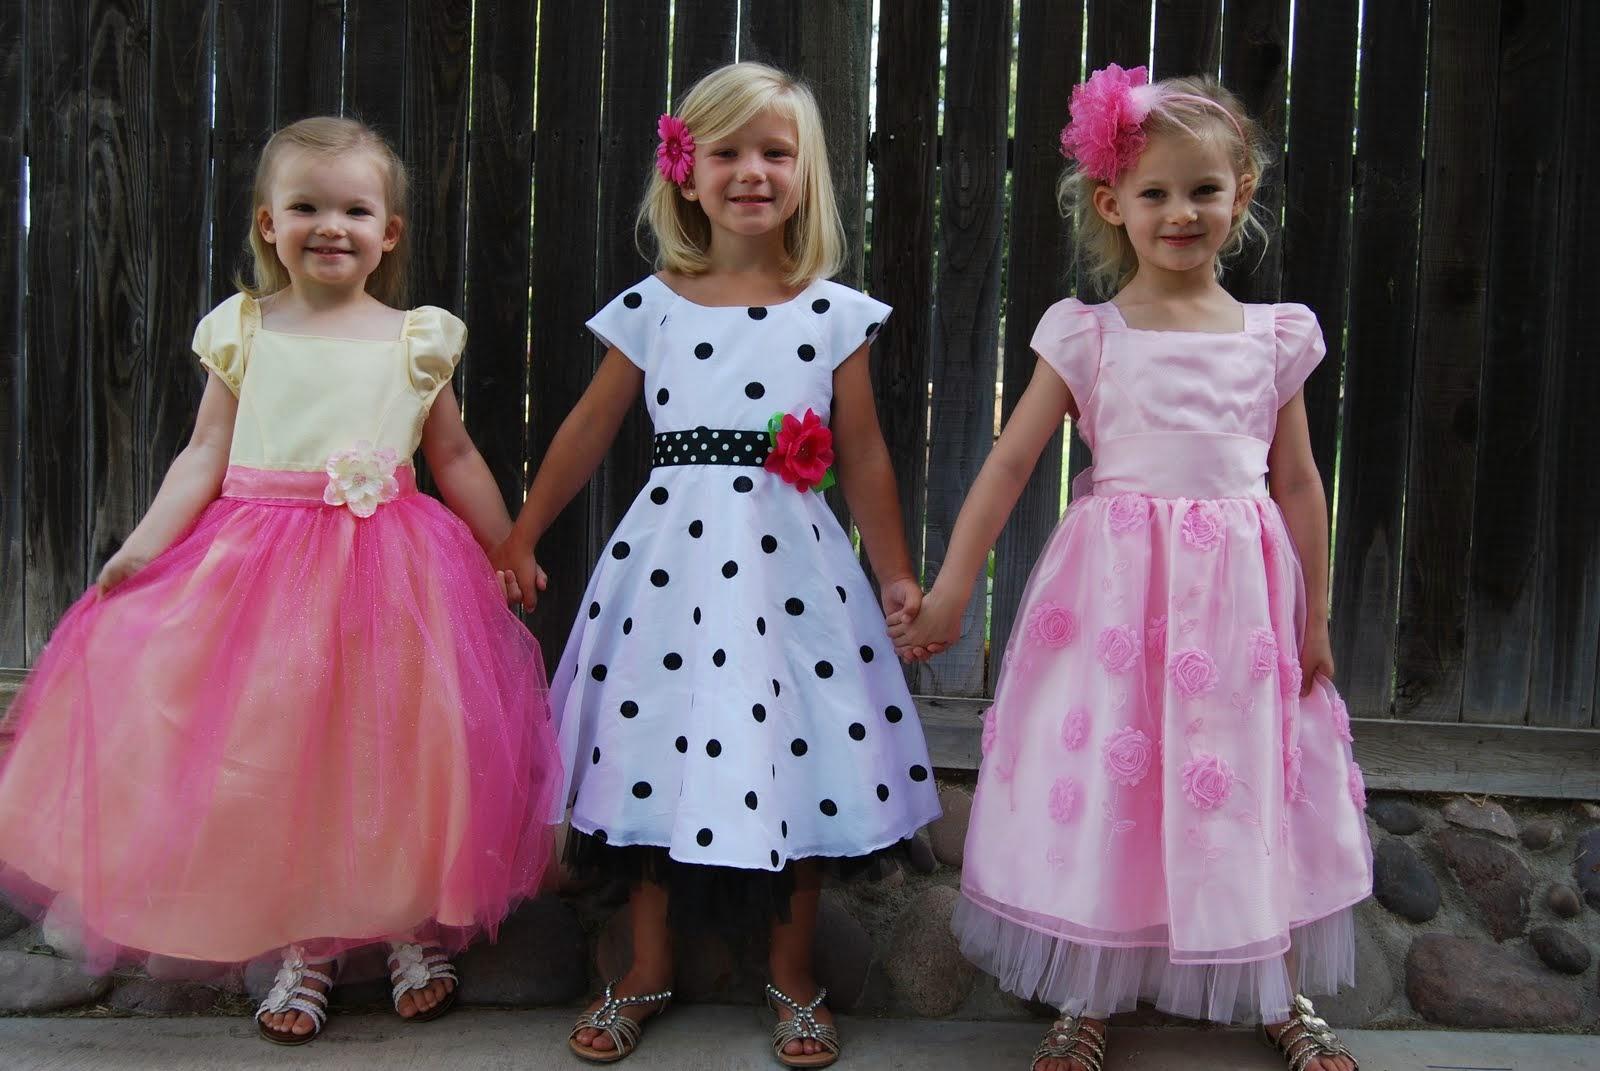 فساتين أطفال بنات اجمل فساتين الأطفال